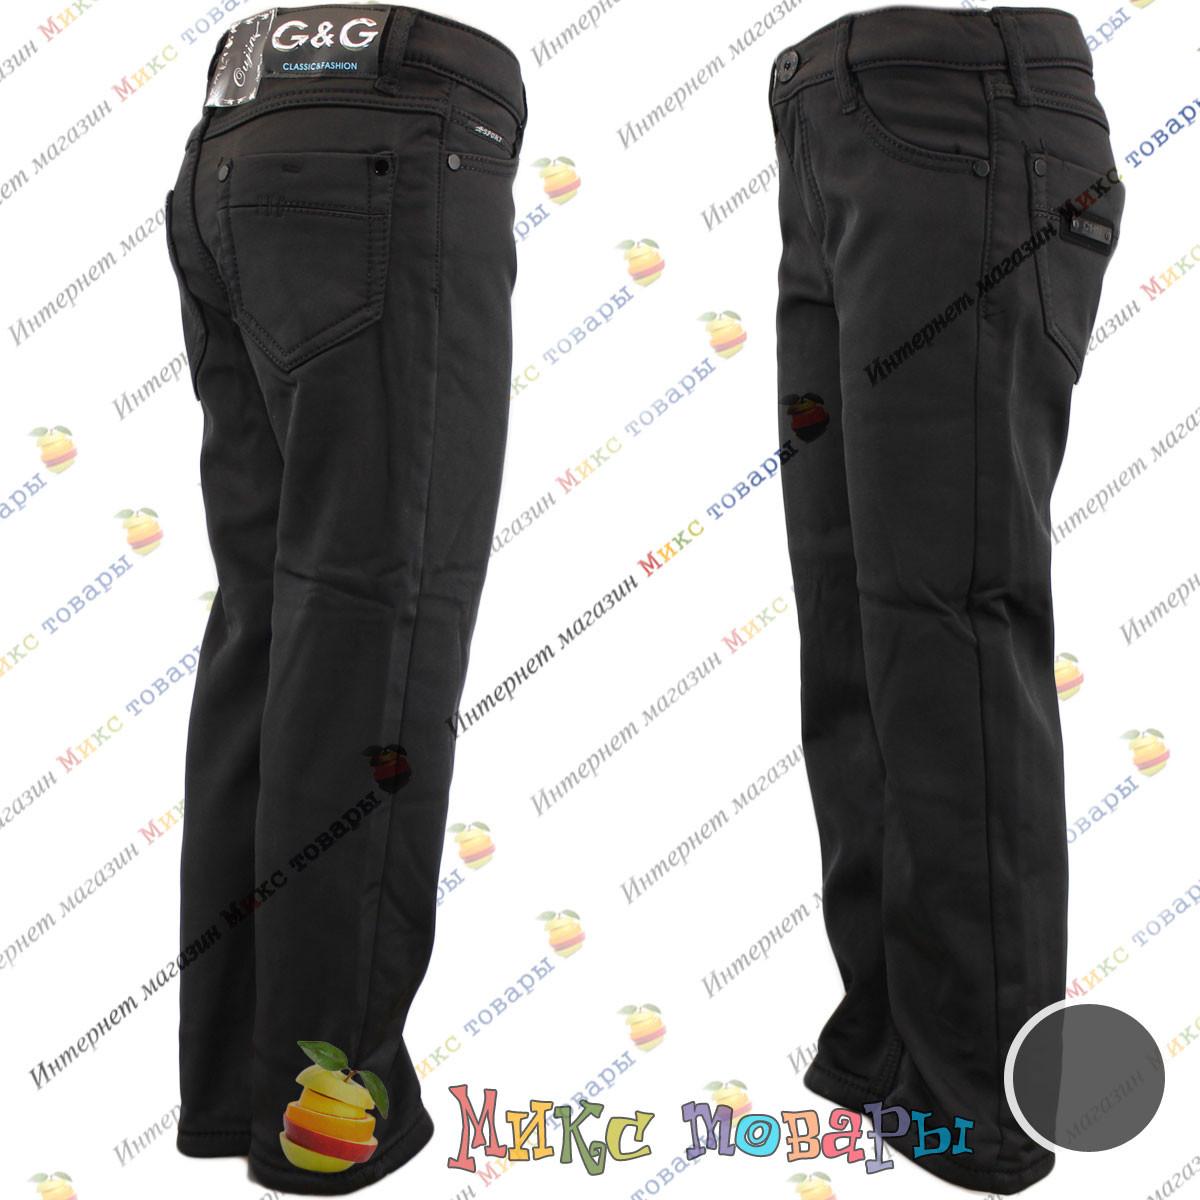 Чёрные Атласные брюки с флисом для мальчика Размер: 6- 7 лет (vn3719)